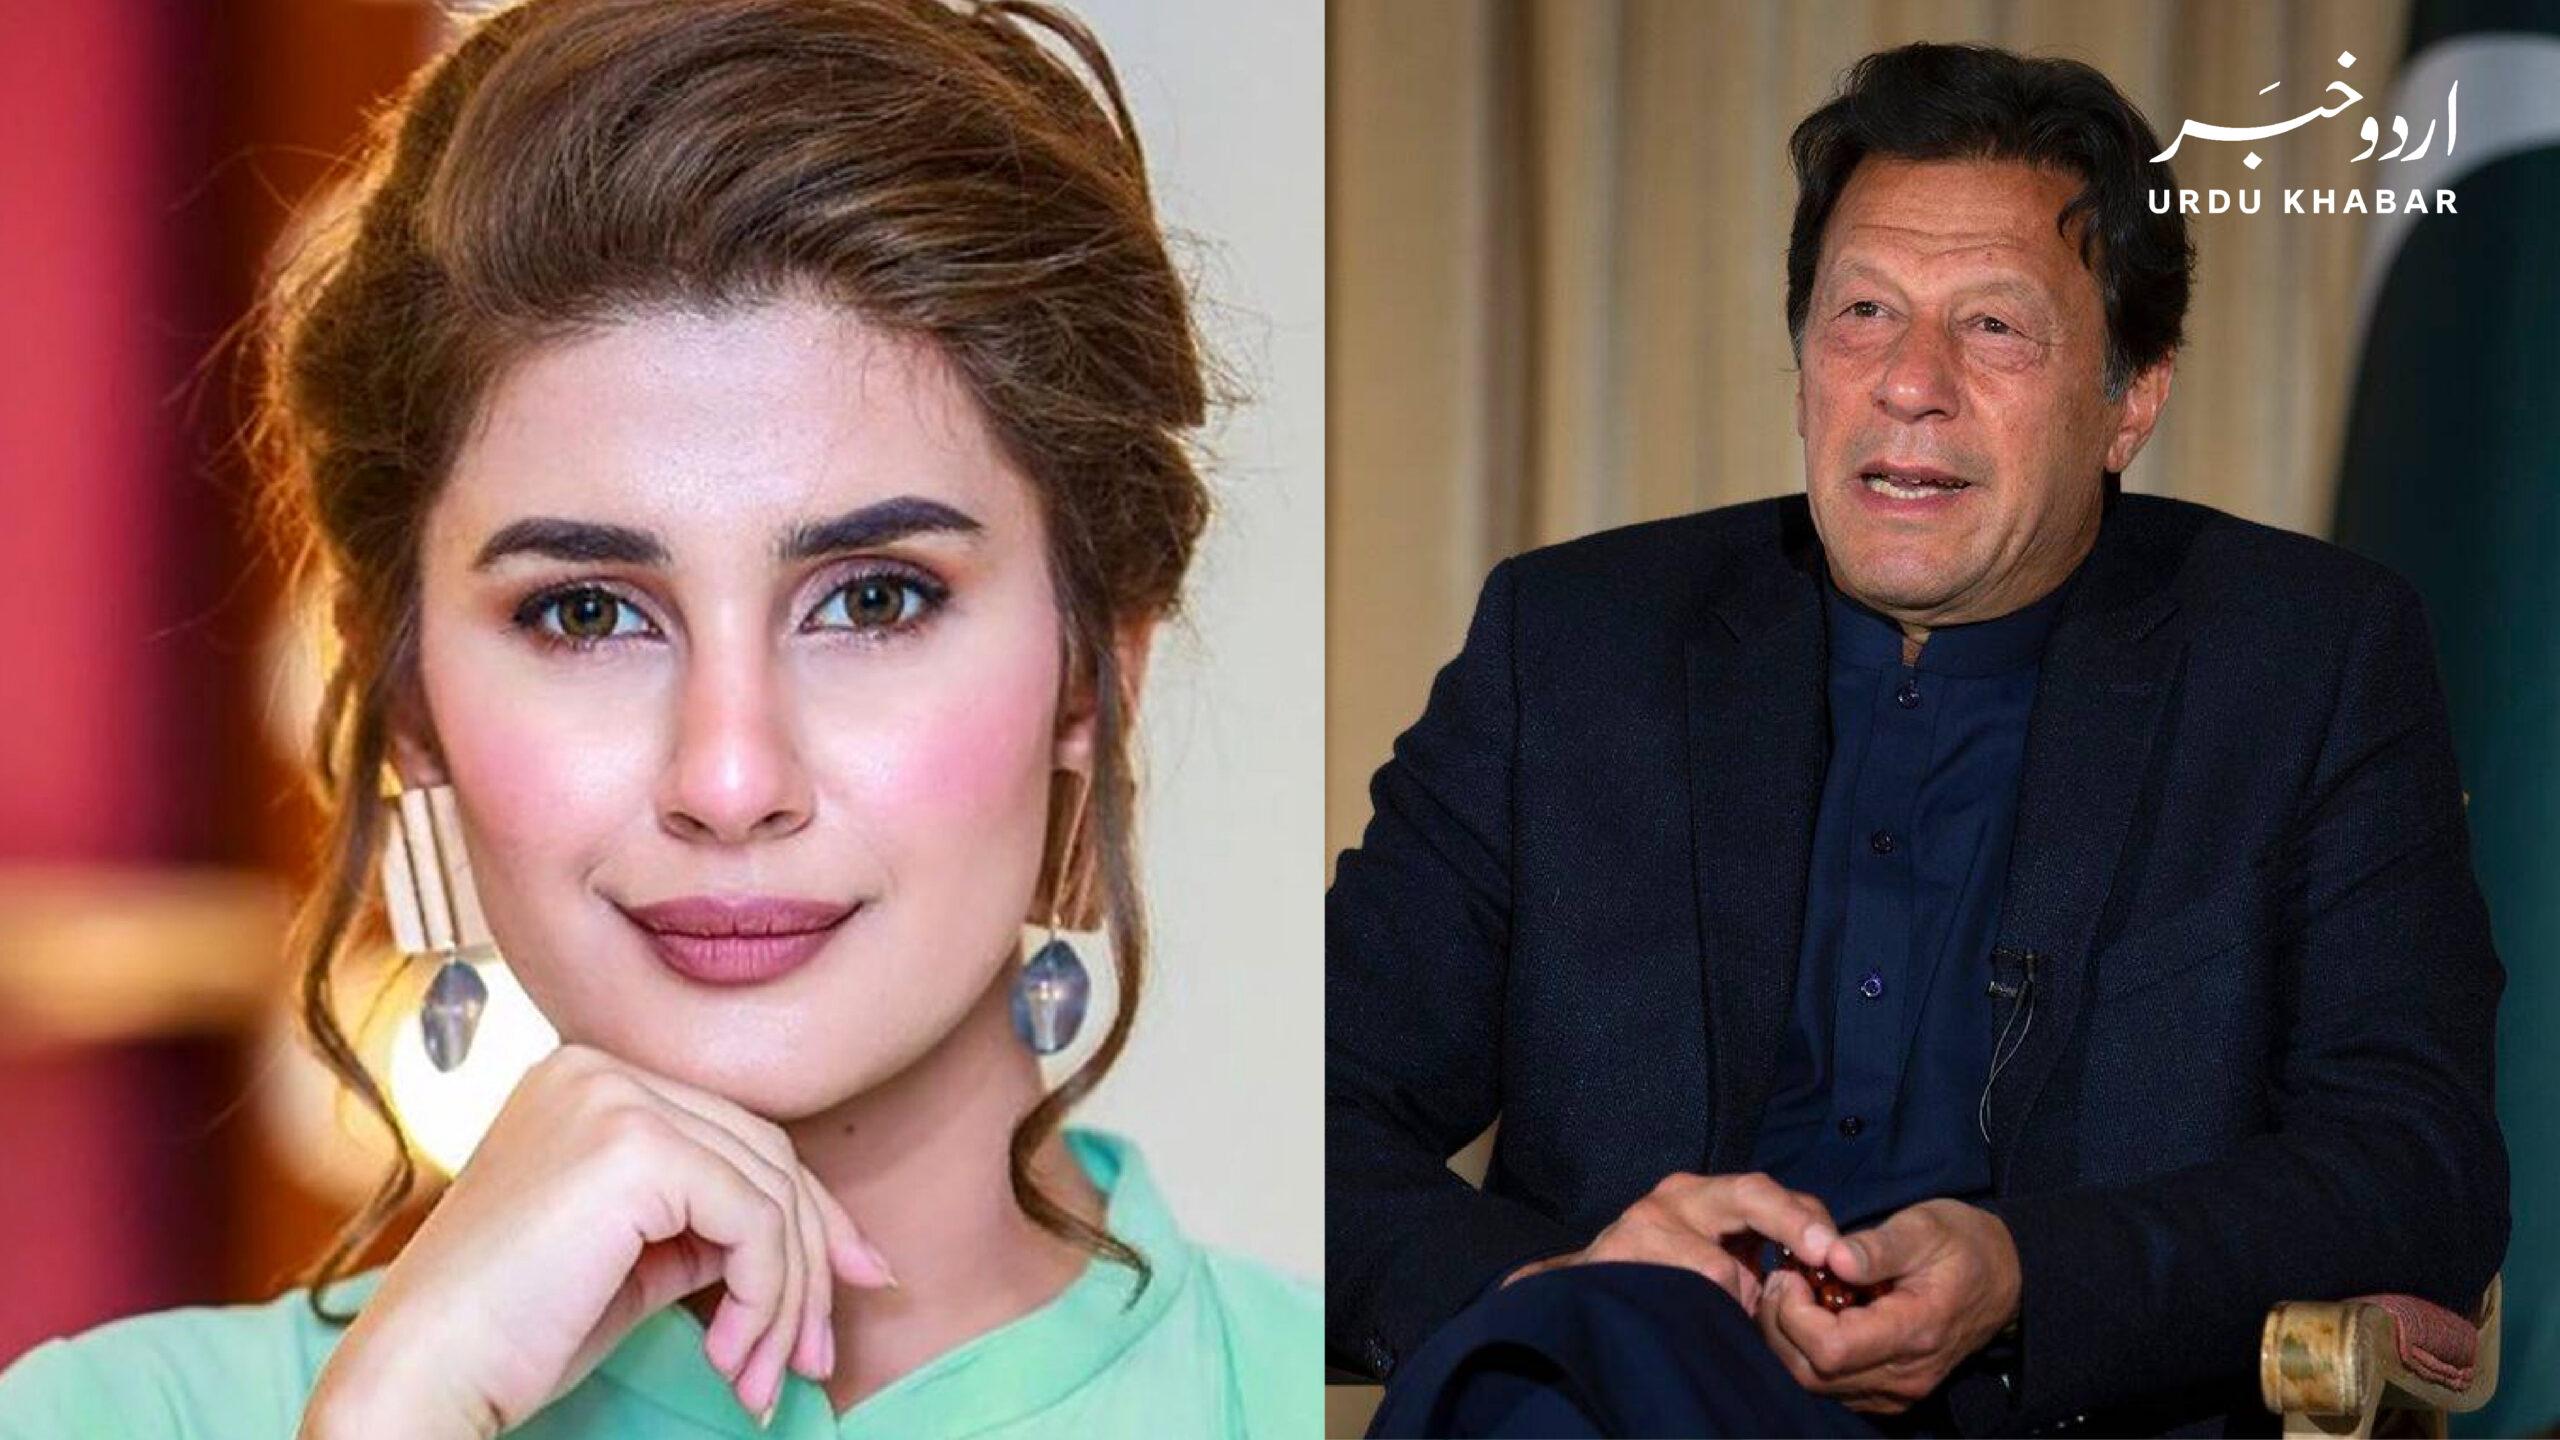 کبرا خان نے عمران خان کو ٹویٹر پر ان فالو کر دیا